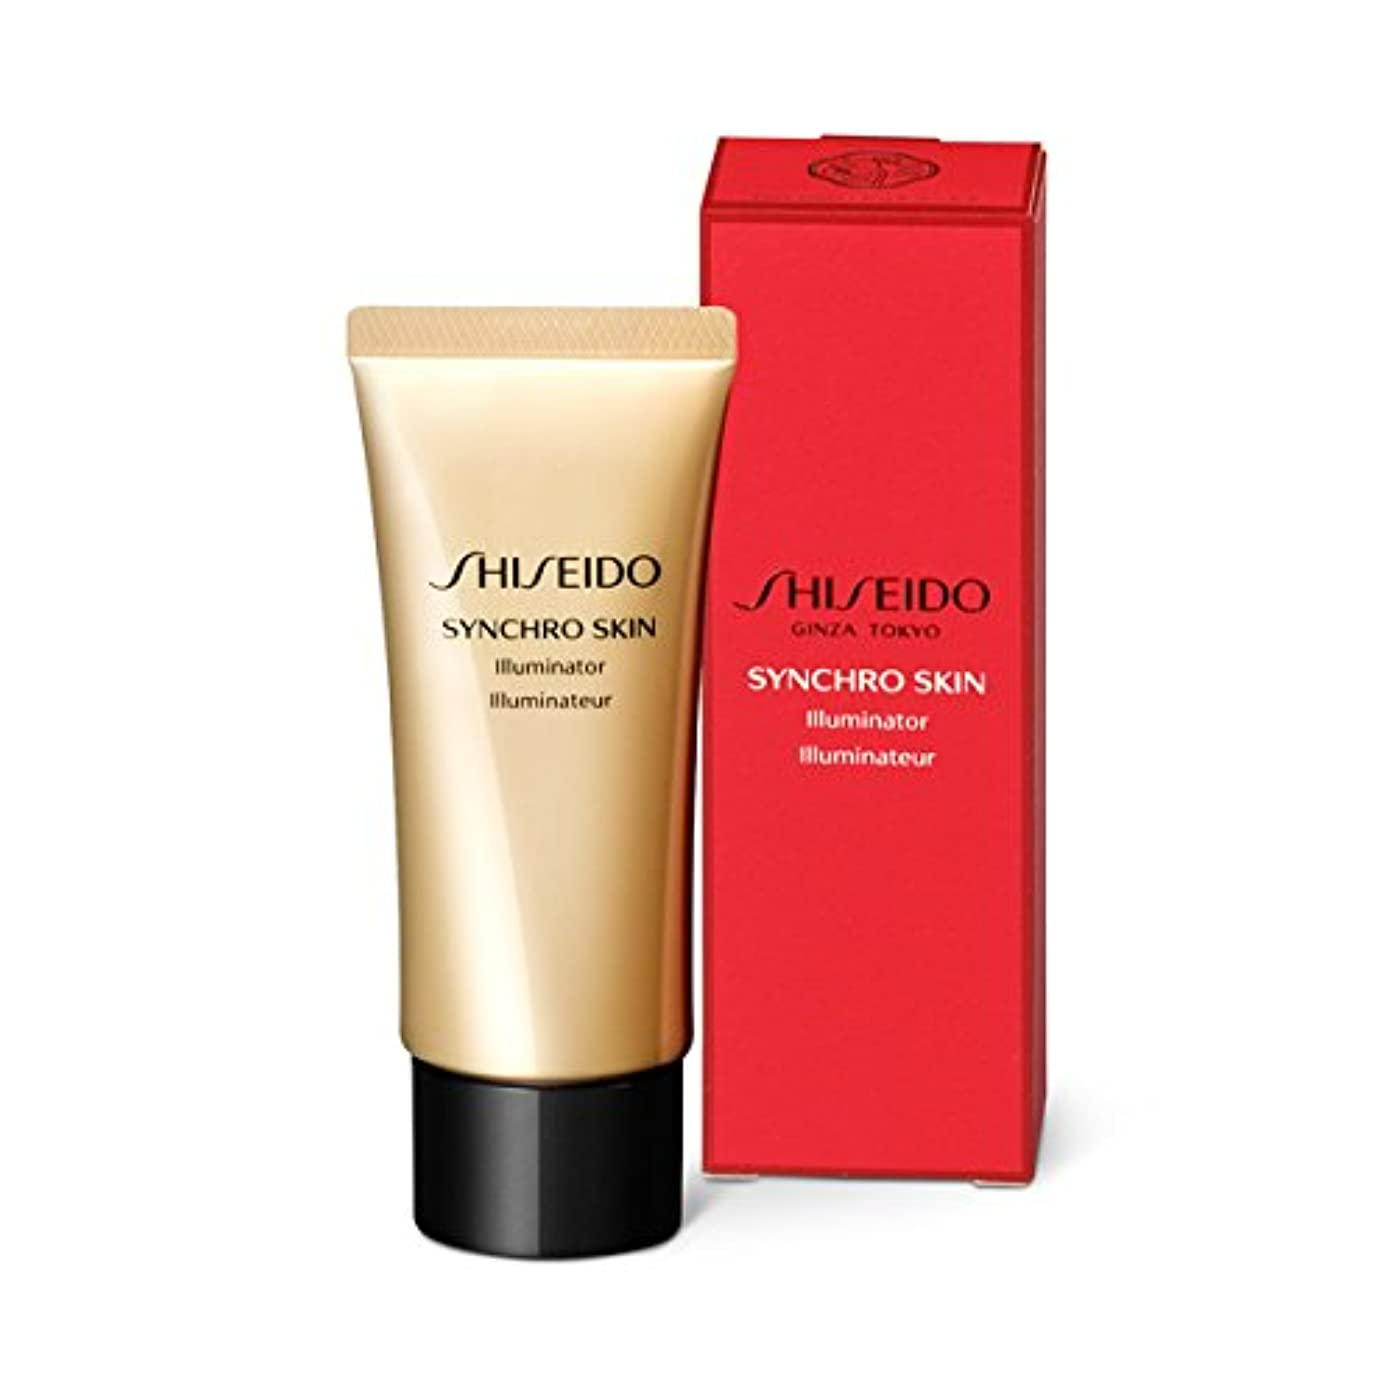 これまでお香あさりSHISEIDO Makeup(資生堂 メーキャップ) SHISEIDO(資生堂) シンクロスキン イルミネーター 40g (ピュアゴールド)